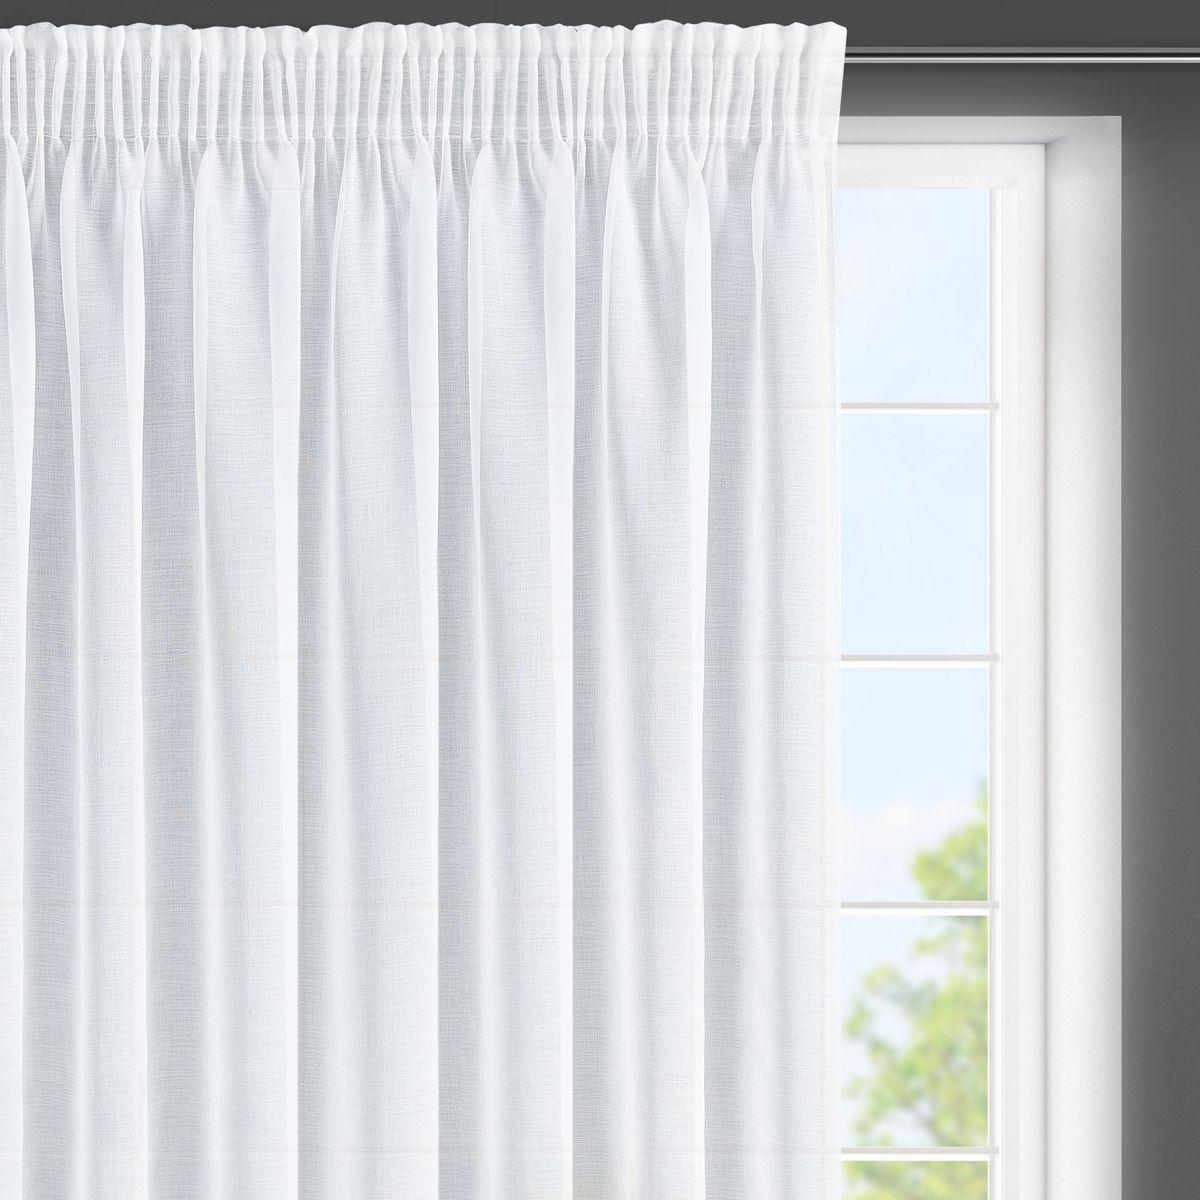 Dekorační krátká záclona s řasící páskou LENKA II. bílá 350x150 cm MyBestHome